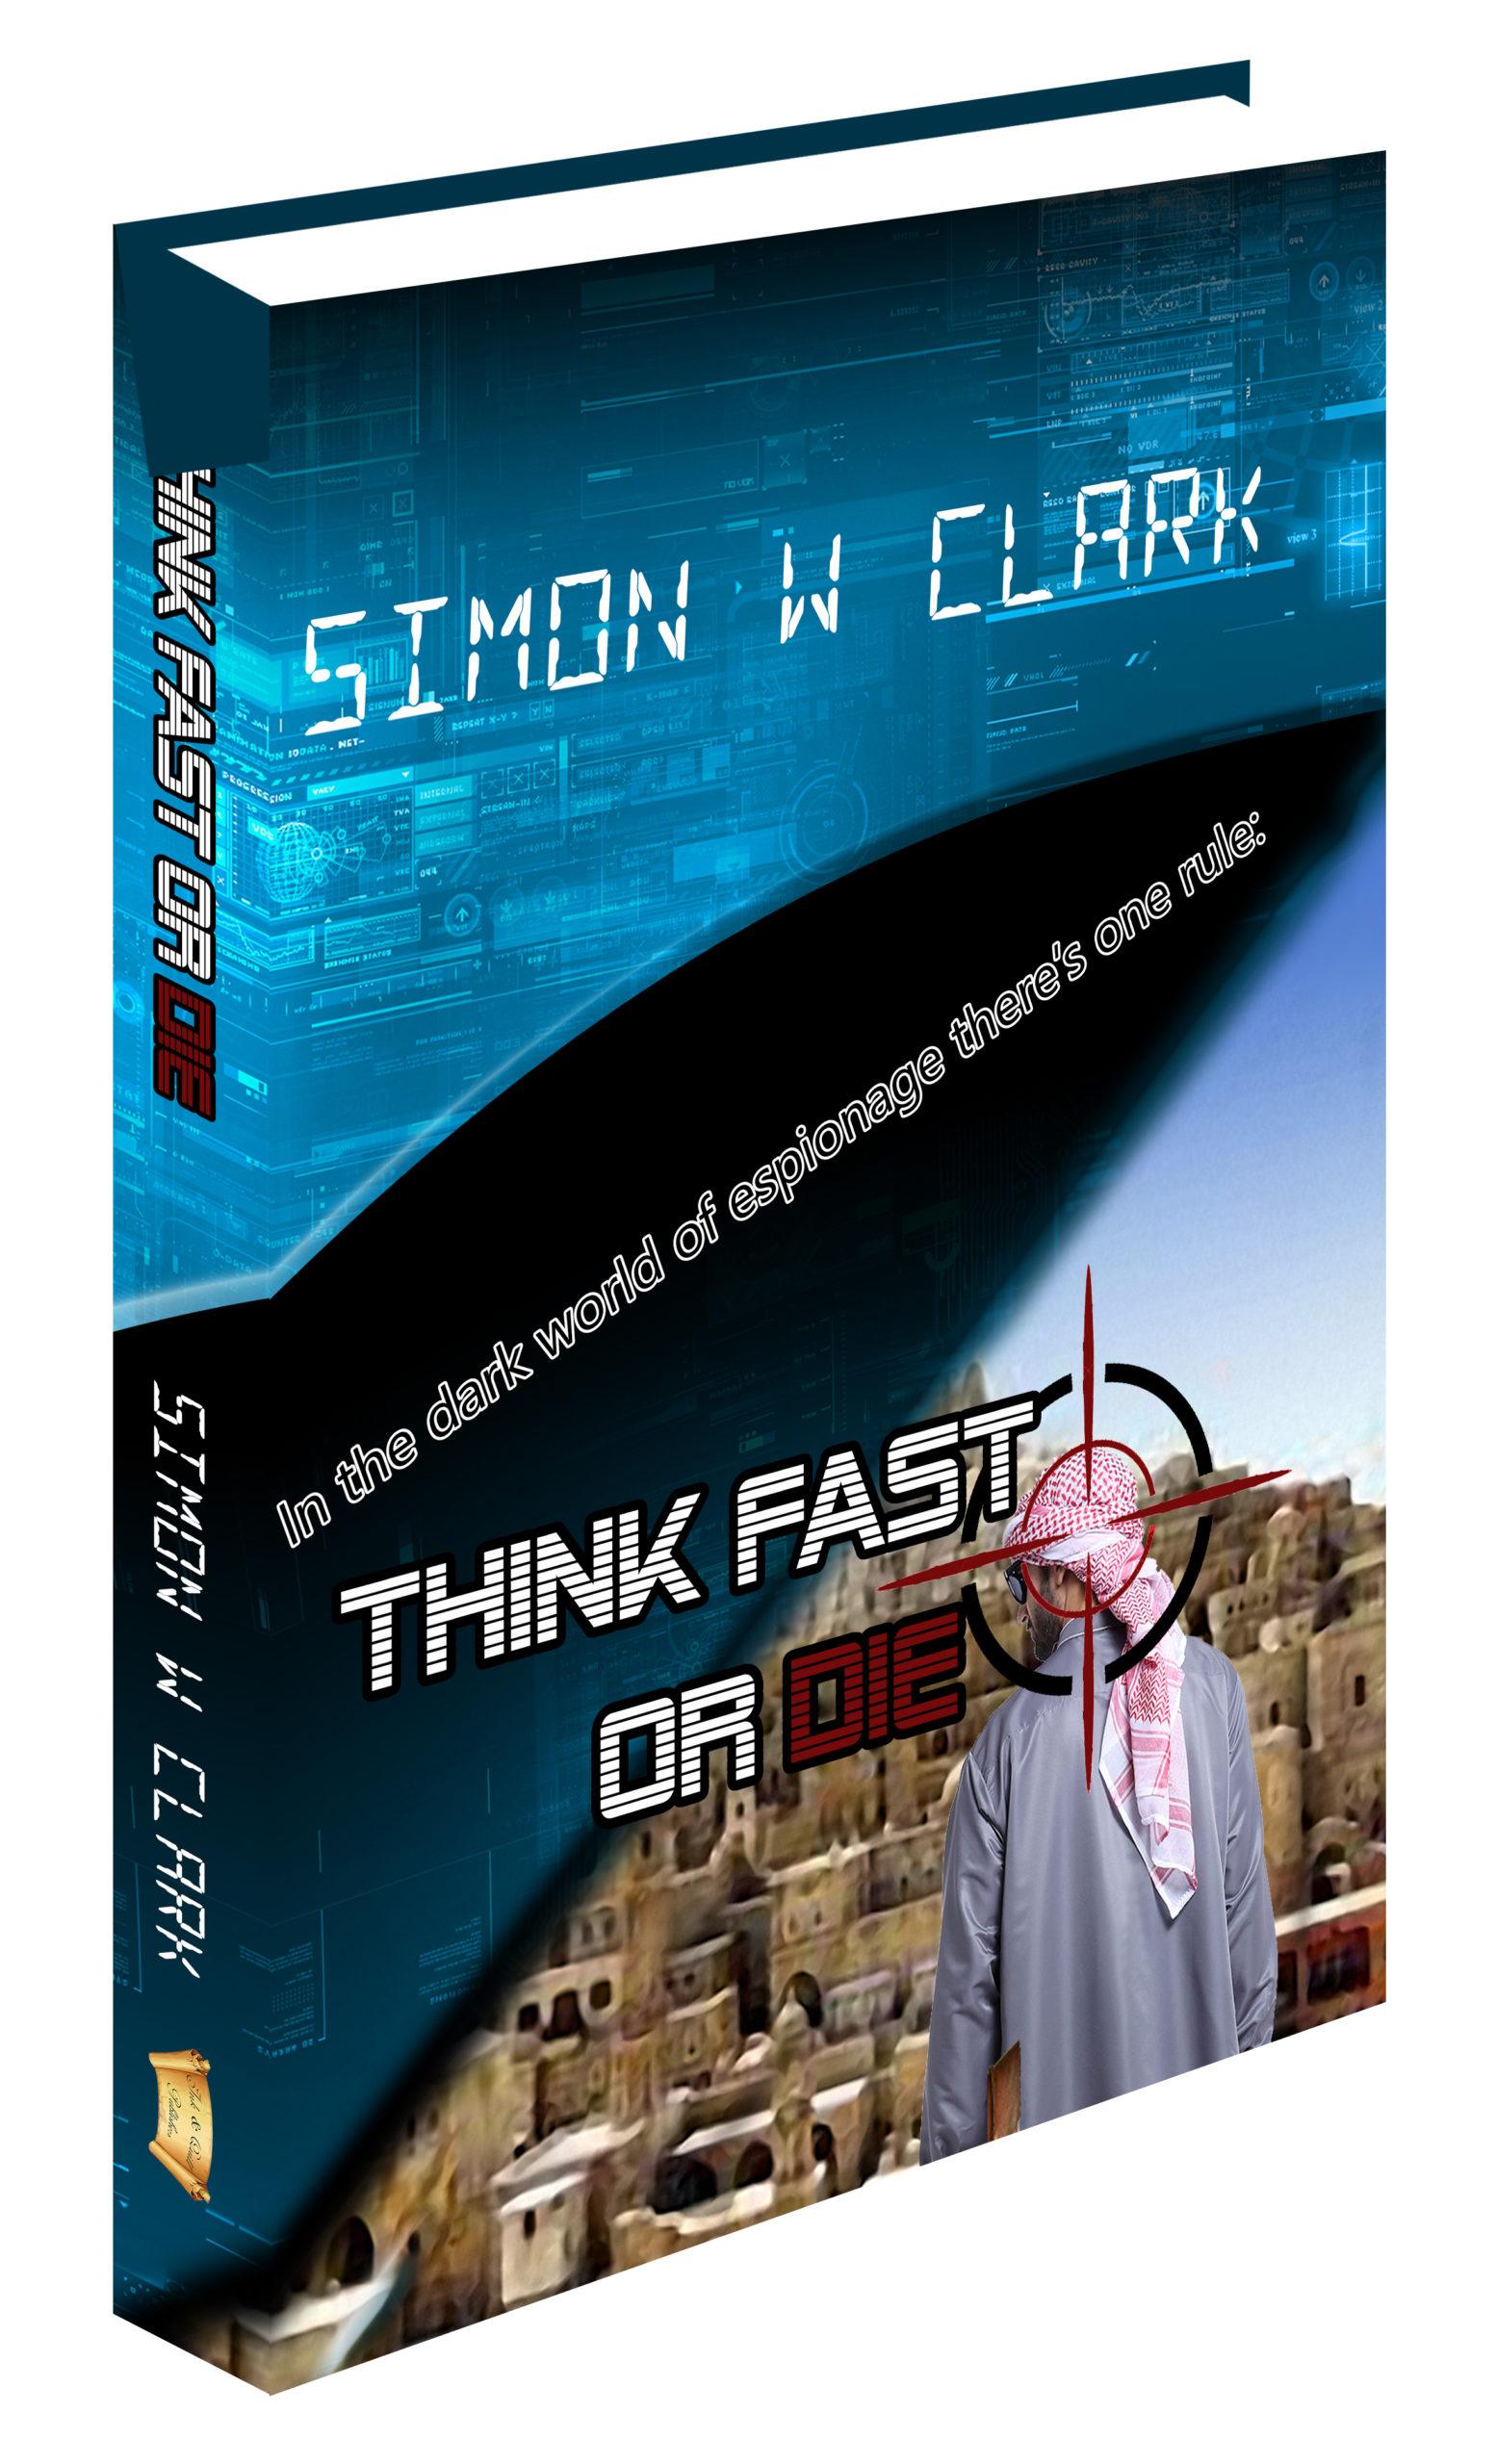 <B>Think Fast Or DIE <B />